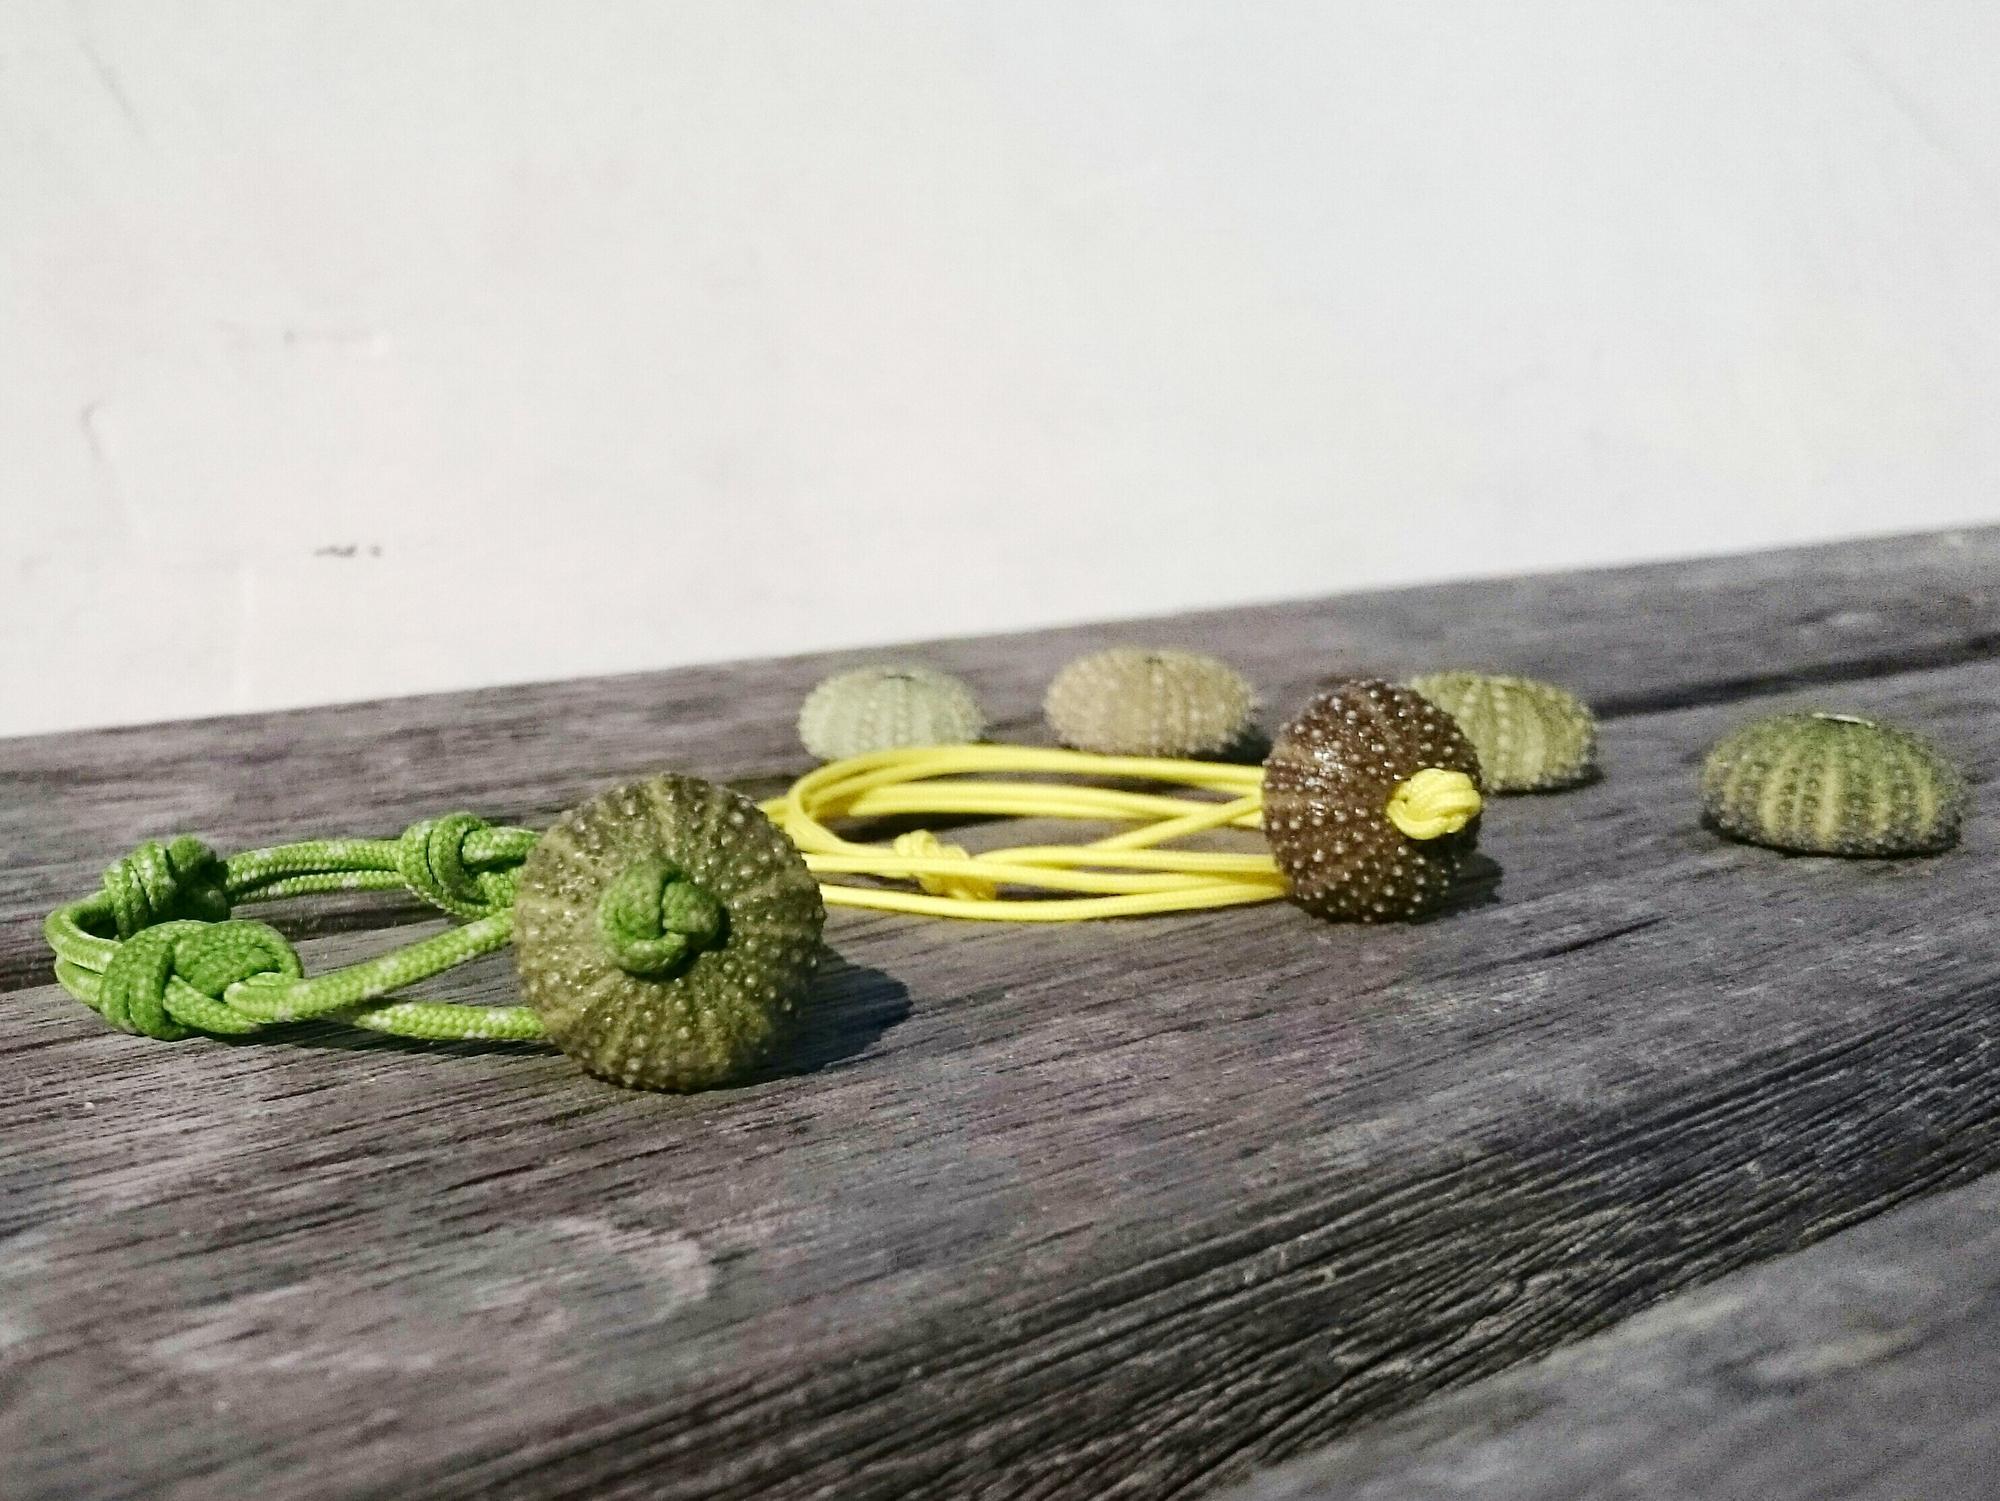 deux bracelets de style marin l'un jaune , l'autre vert avec des oursins